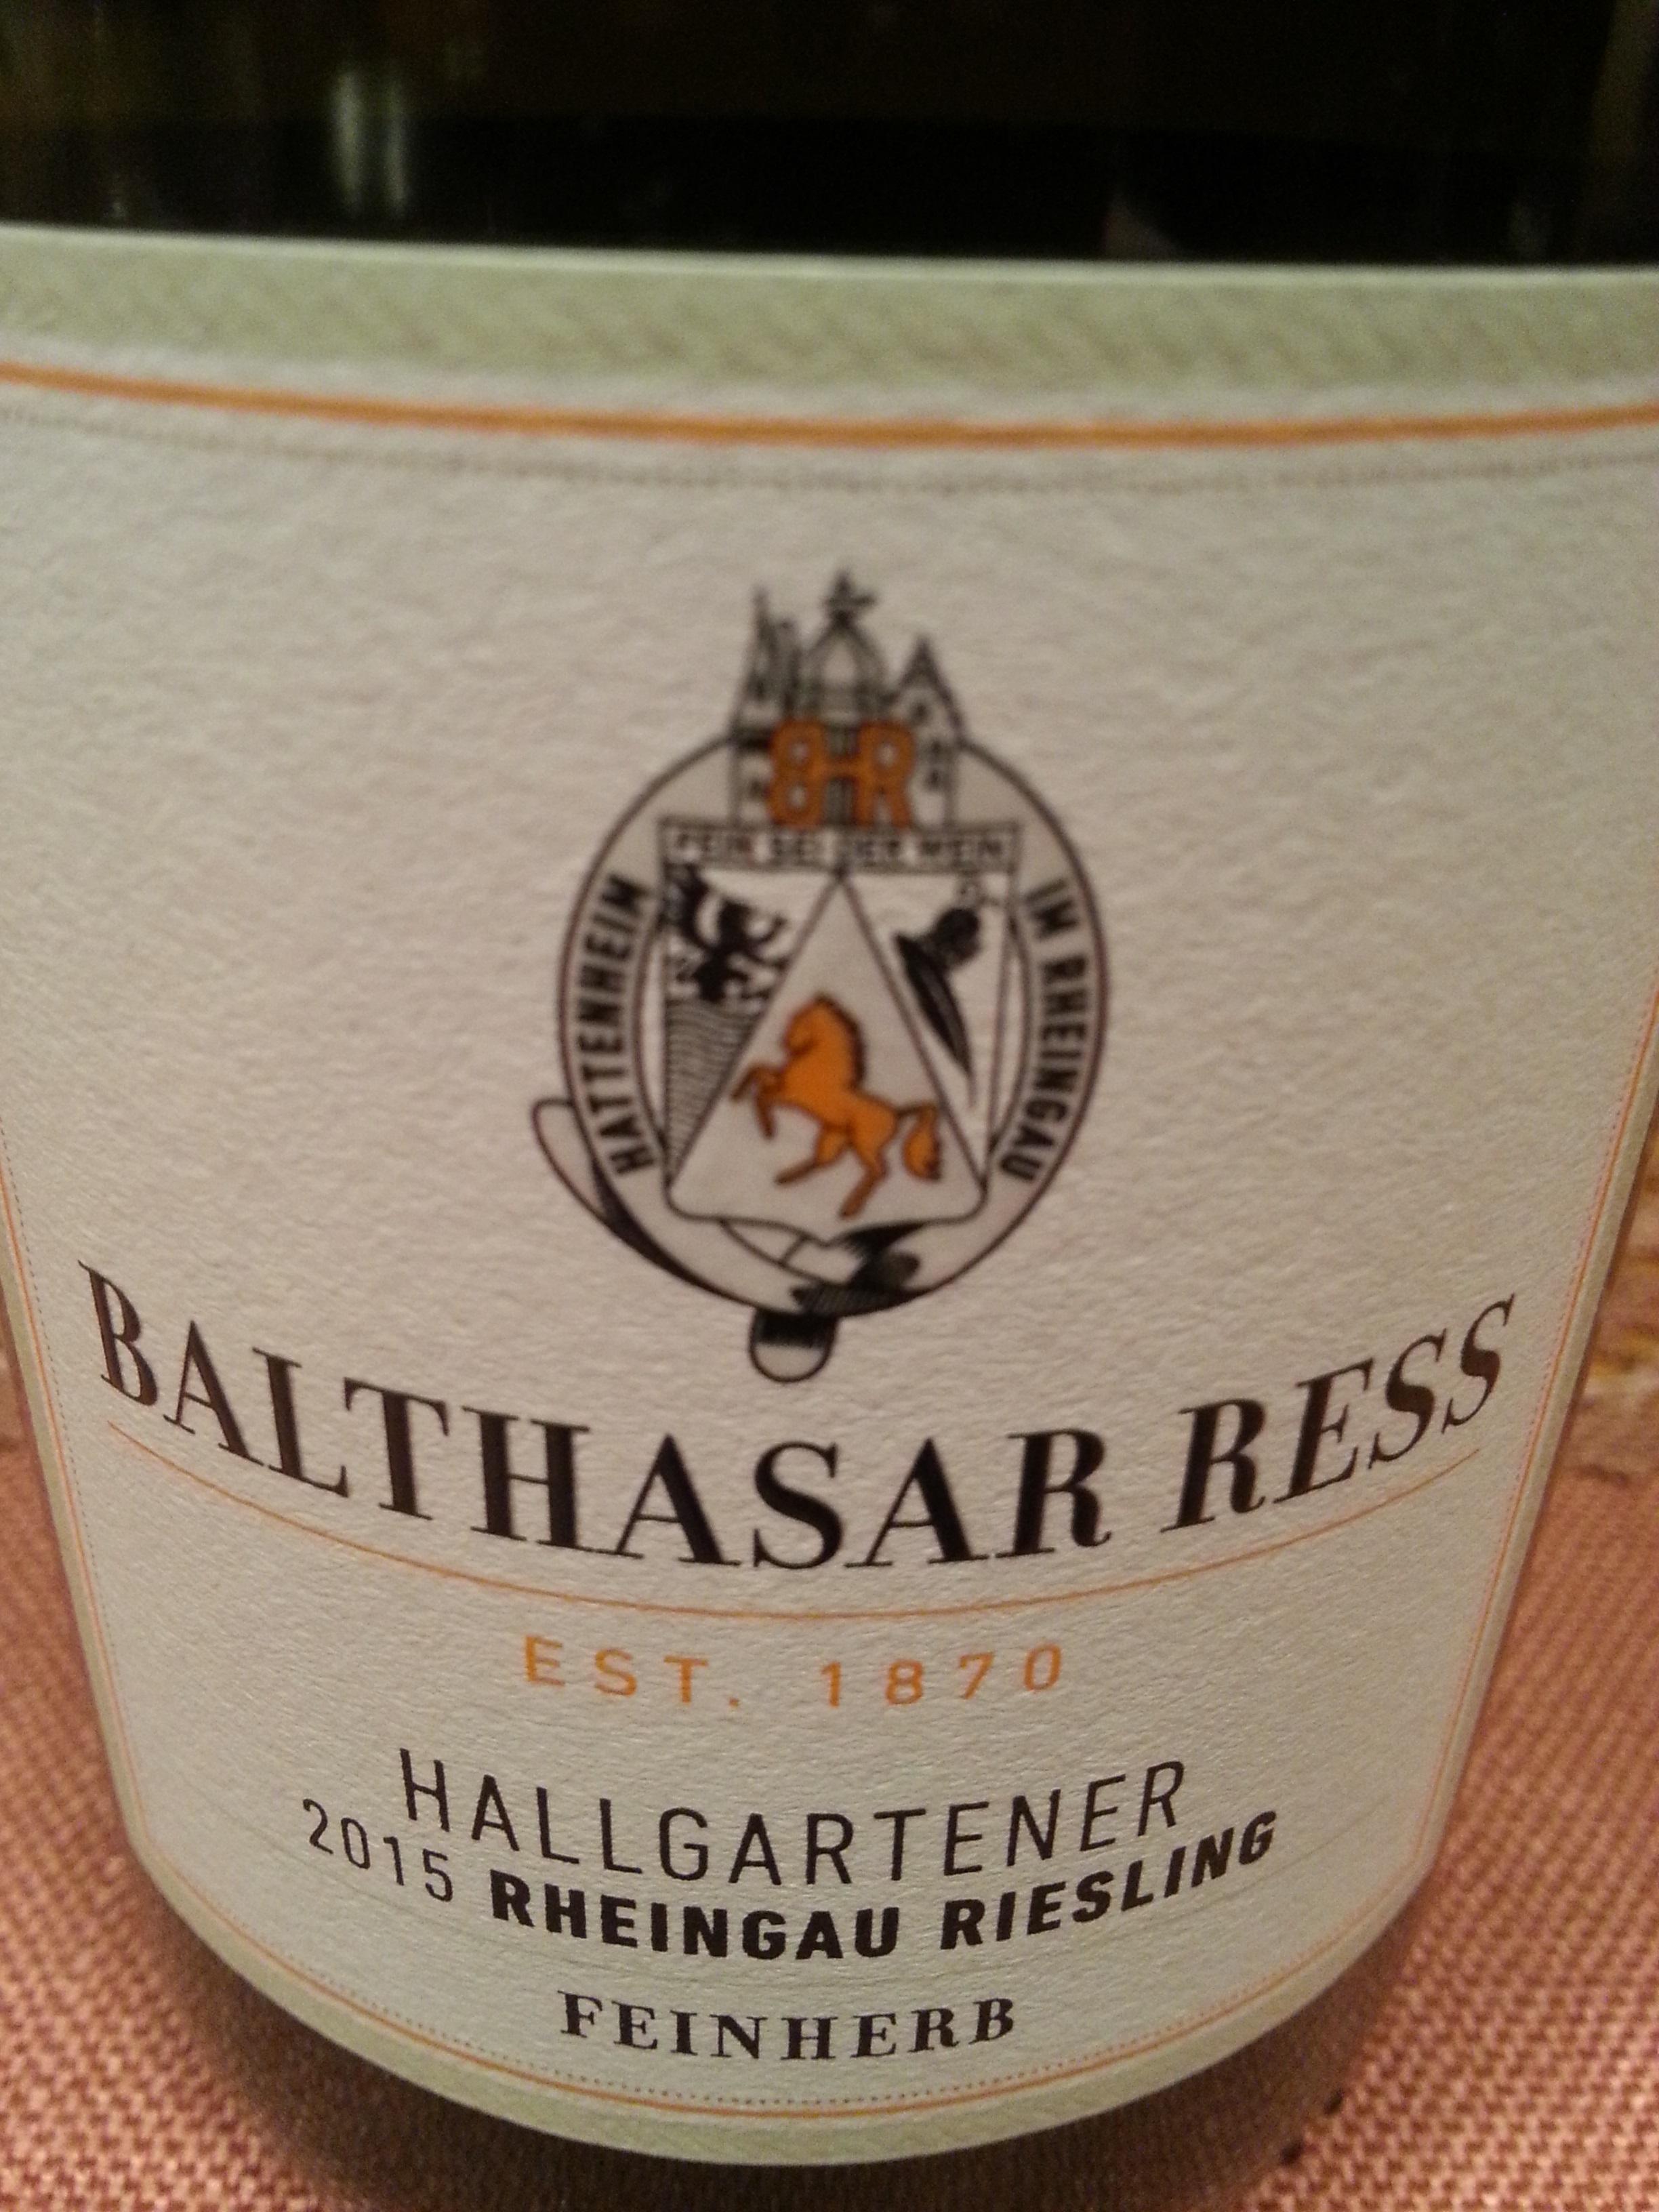 2015 Riesling Hallgartener feinherb | Balthasar Ress